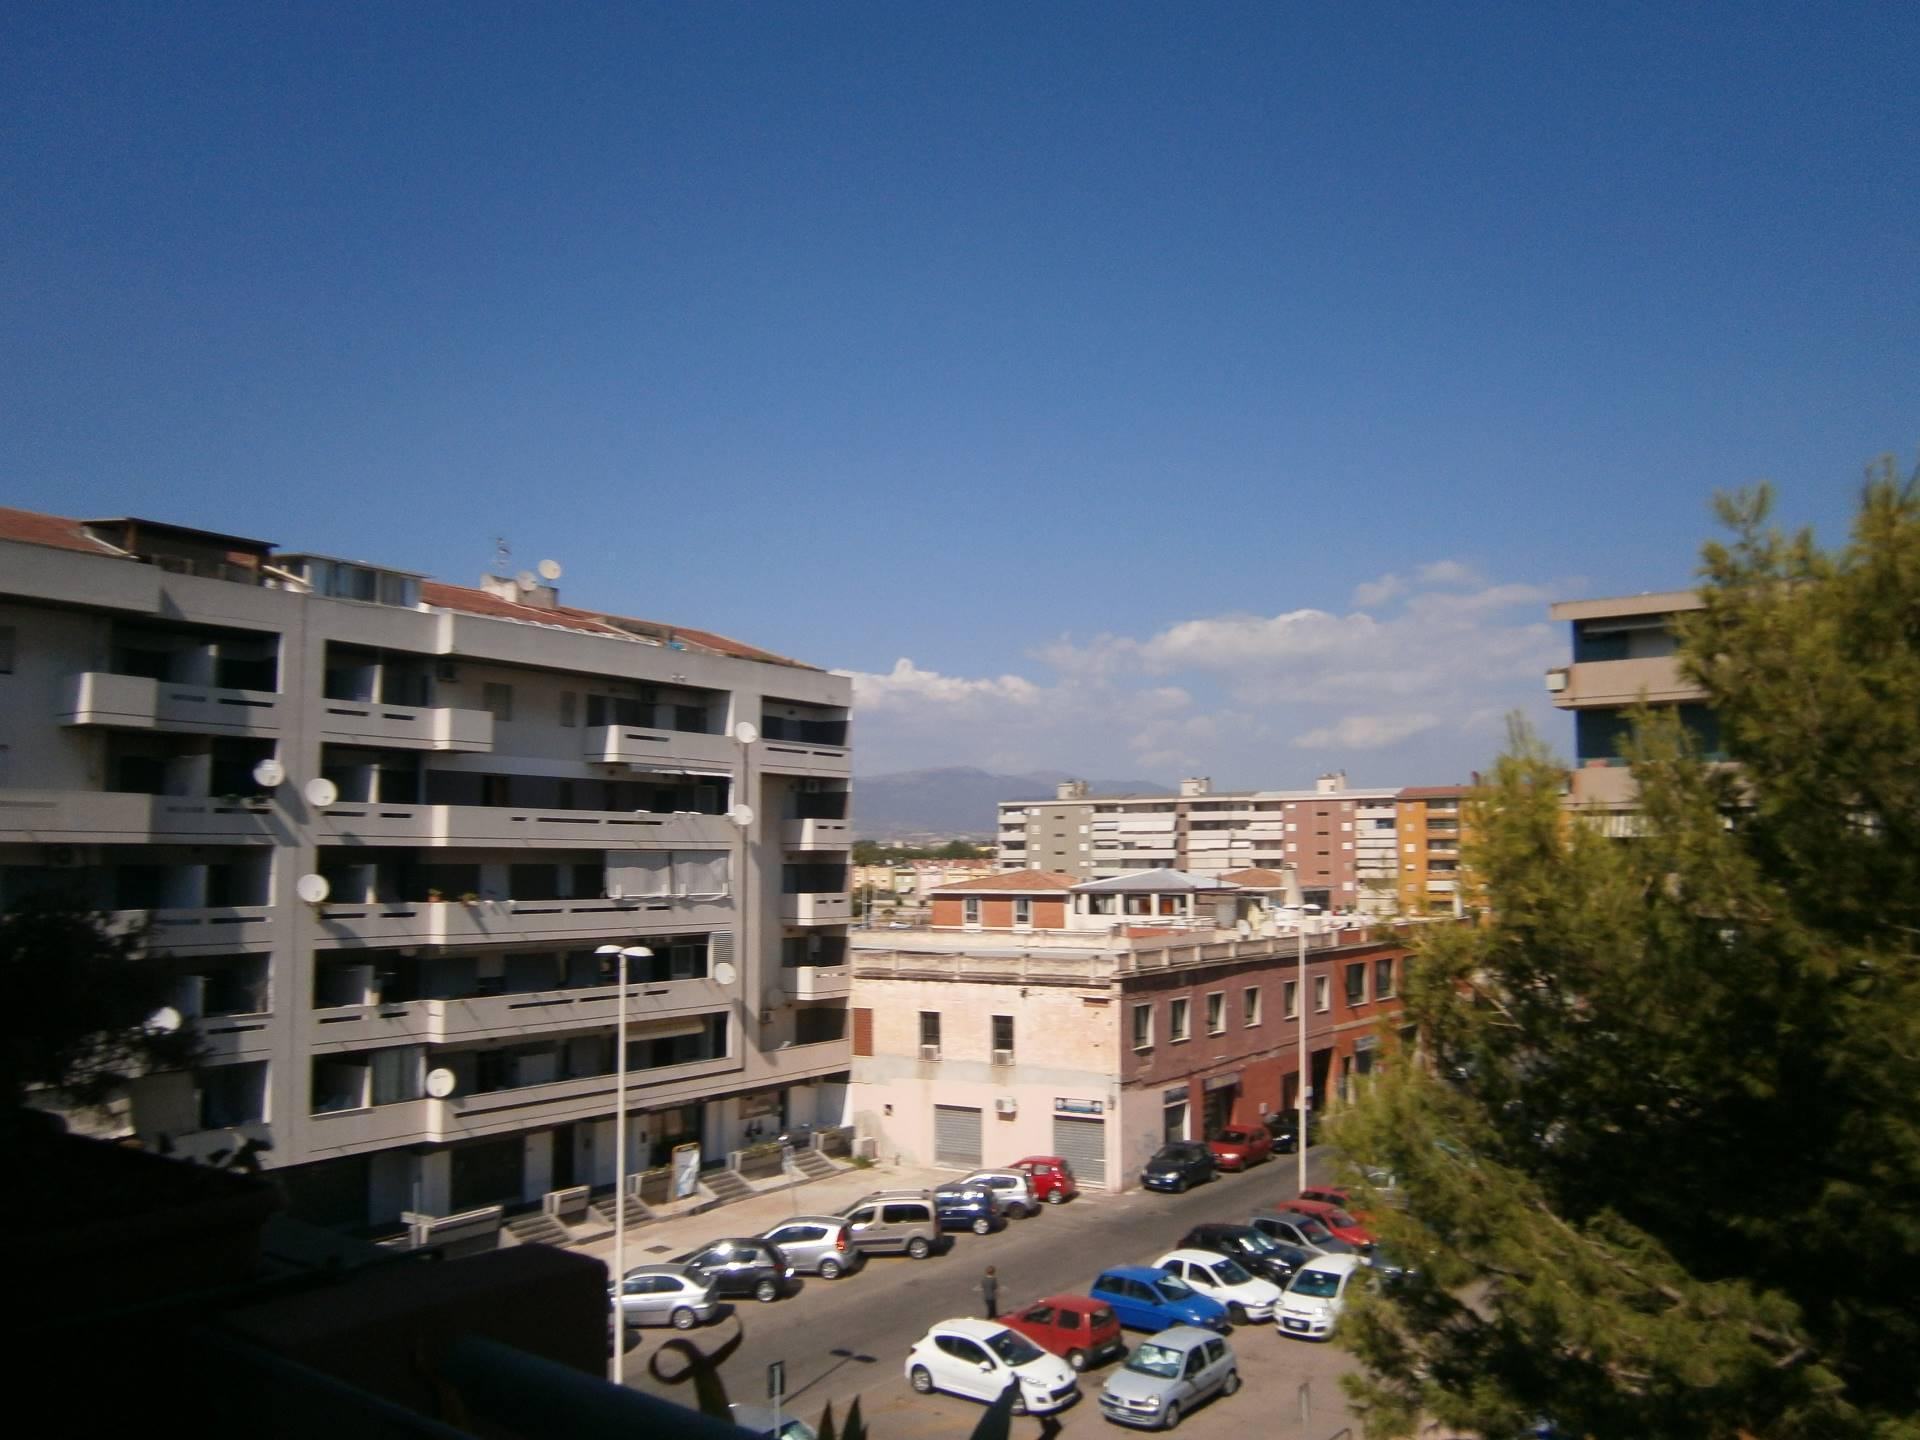 Appartamento in affitto a Quartu Sant'Elena, 3 locali, zona Località: PitzeSerra, prezzo € 530 | Cambio Casa.it